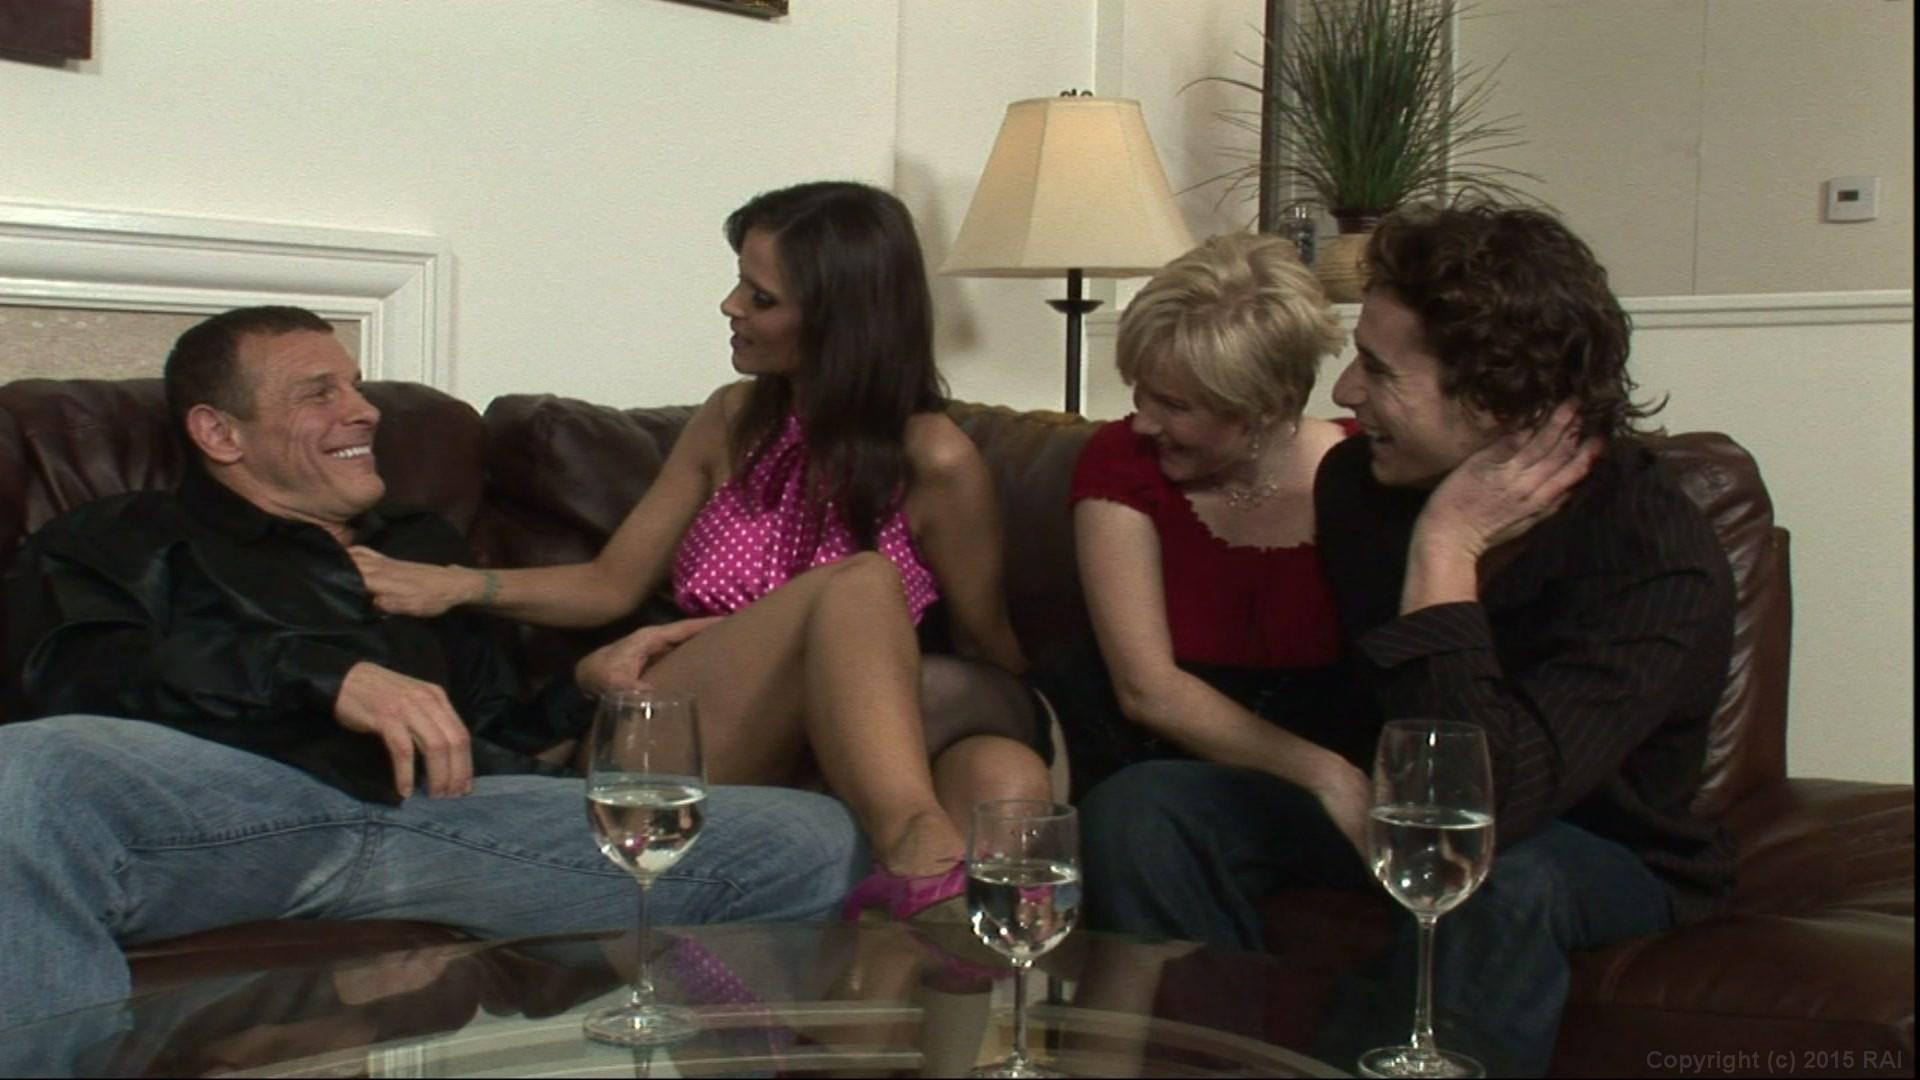 Полный фильм про свингеров, жена умоляет об анальном сексе видео порно